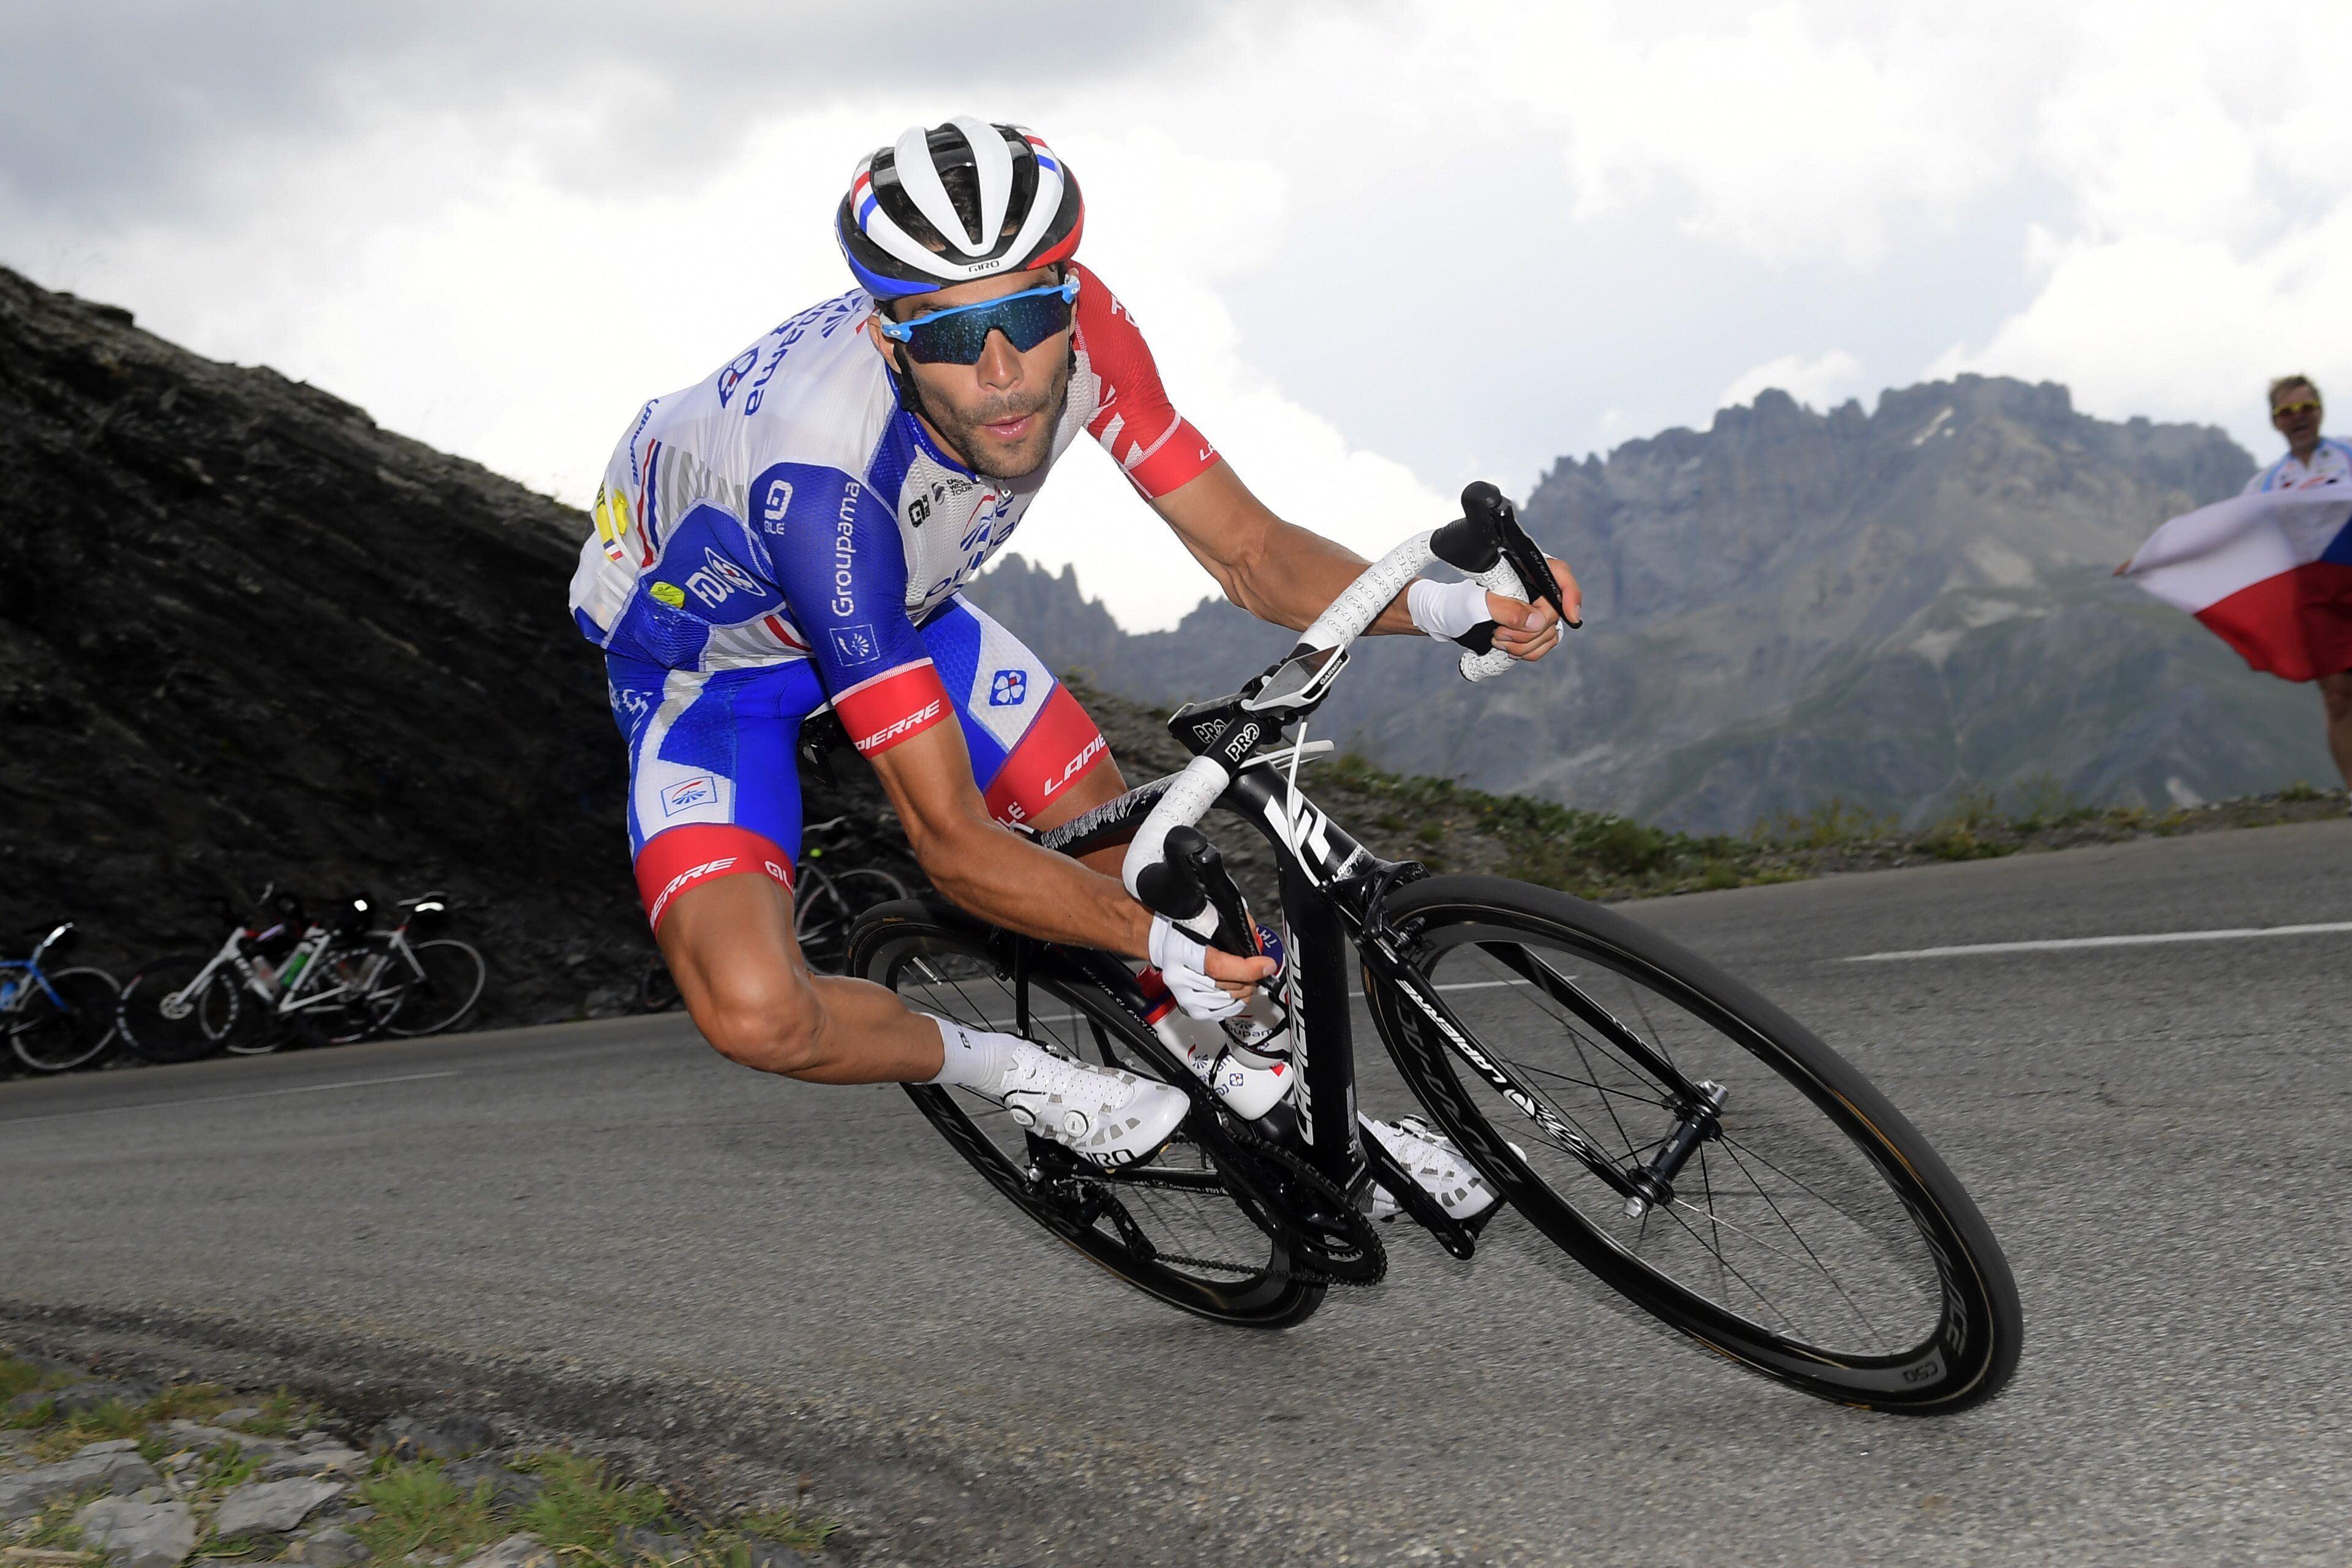 Cyclisme - Tour de France - Pinot affiche ses ambitions en 2020 : «Gagner des courses et faire un bon Tour»